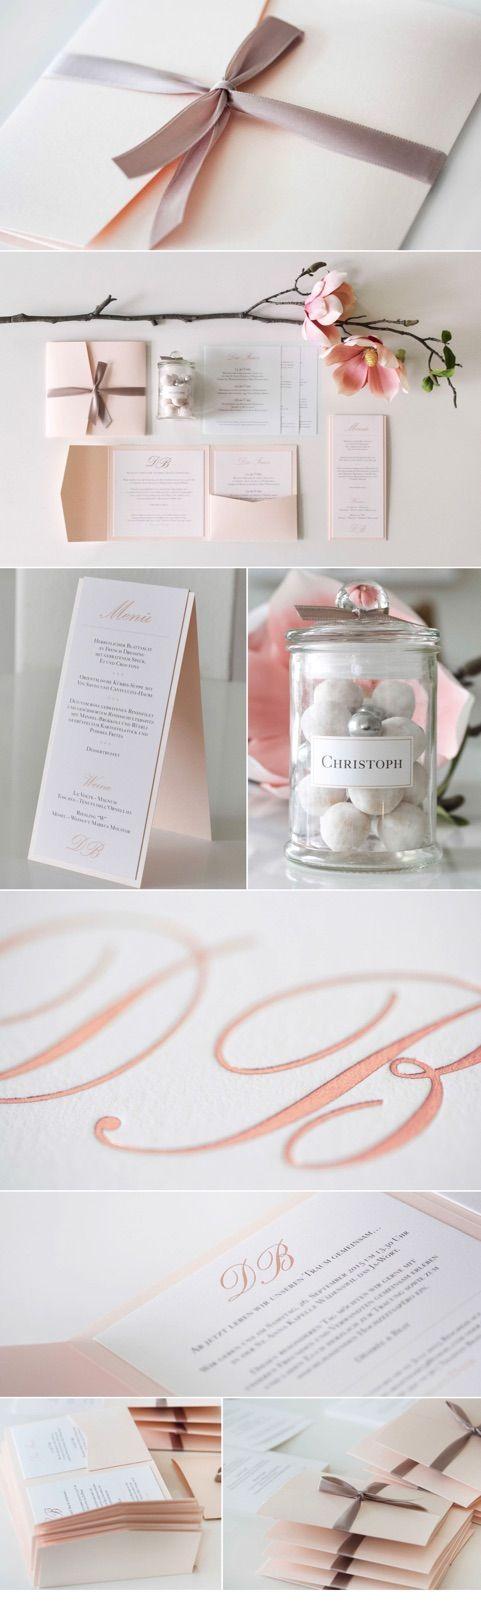 Hochzeitseinladung Black U0026 White · Einladungskarten HochzeitKarte HochzeitPapeterie  ...